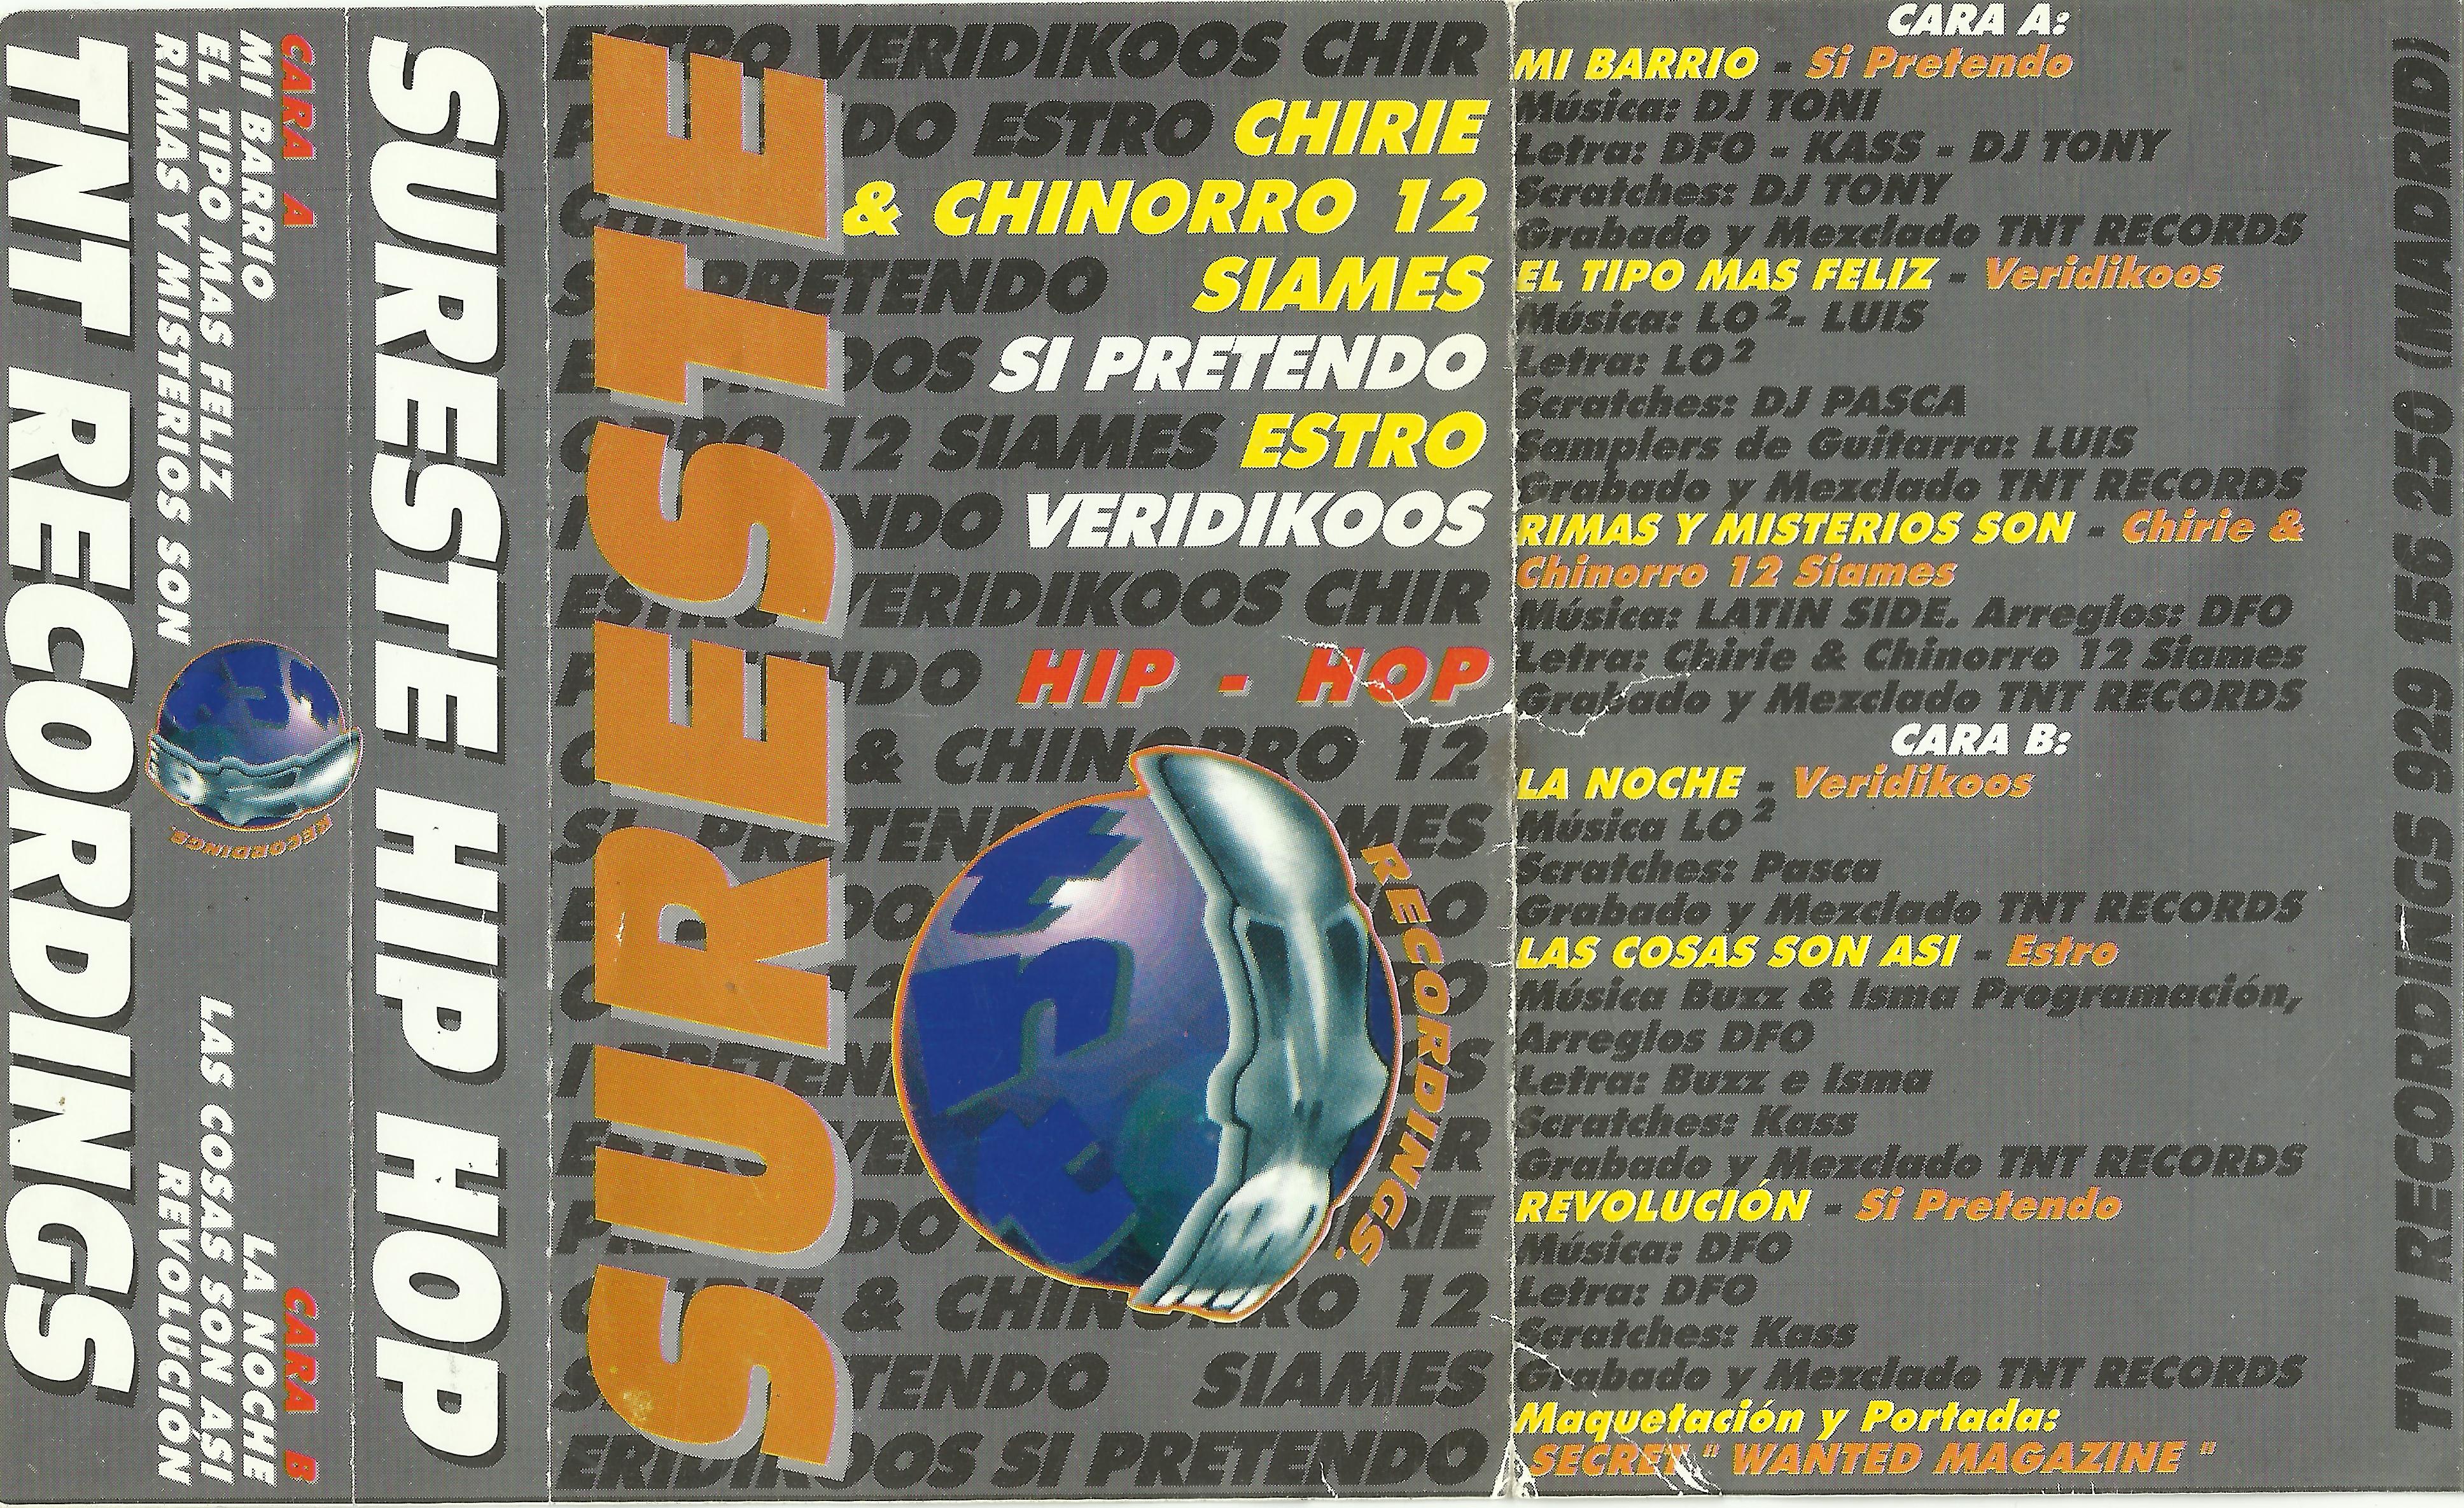 Portada de SurEste Hip-Hop, un recopilatorio de rap español del año 1998 que publicó TNT Recordings